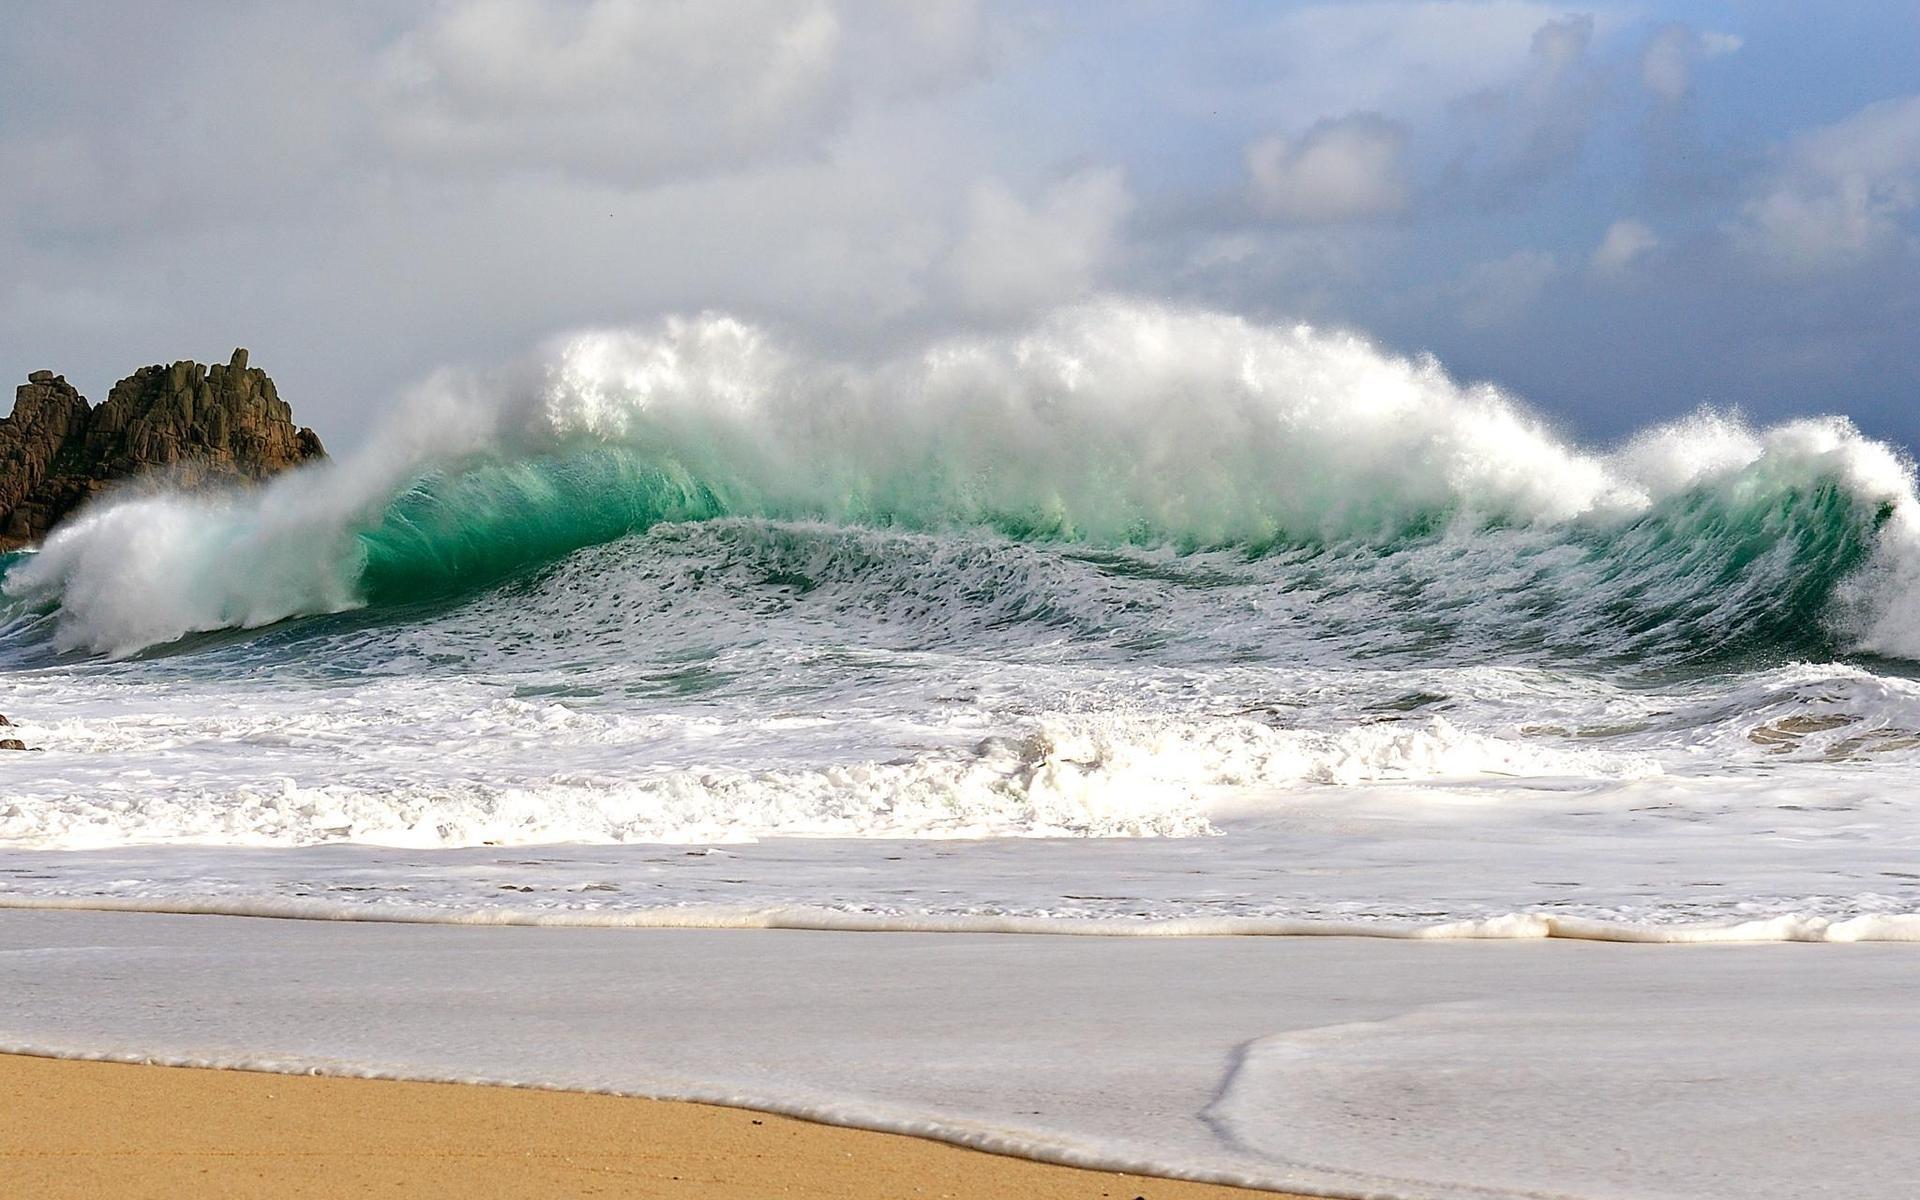 28389 скачать обои Пейзаж, Волны, Пляж - заставки и картинки бесплатно